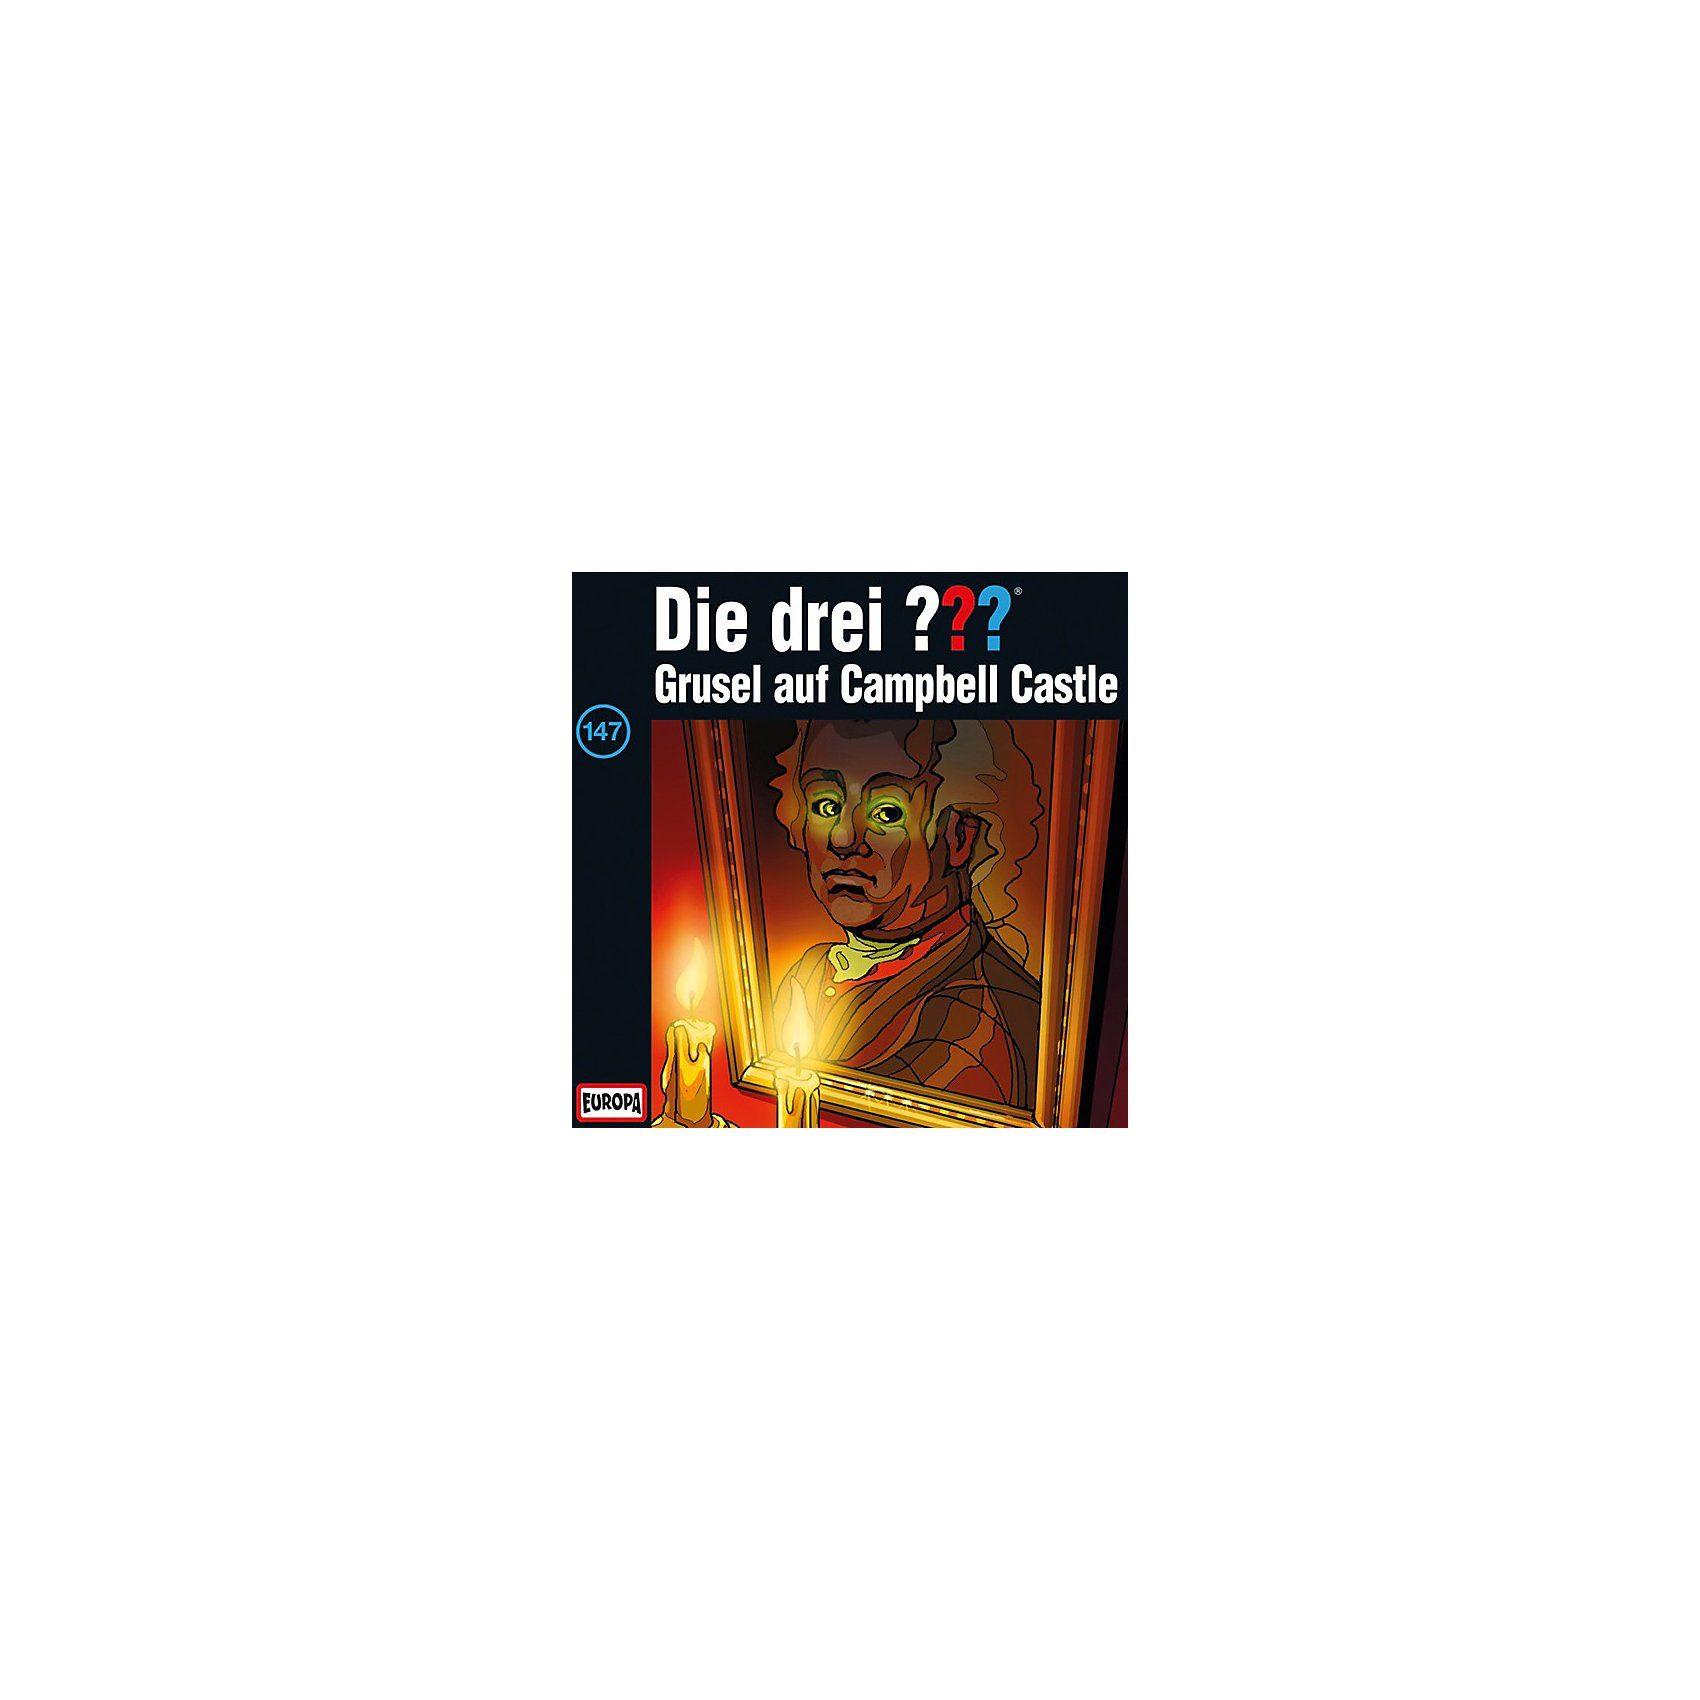 Sony CD Die Drei ??? 147 - Grusel auf Campbell-Castle